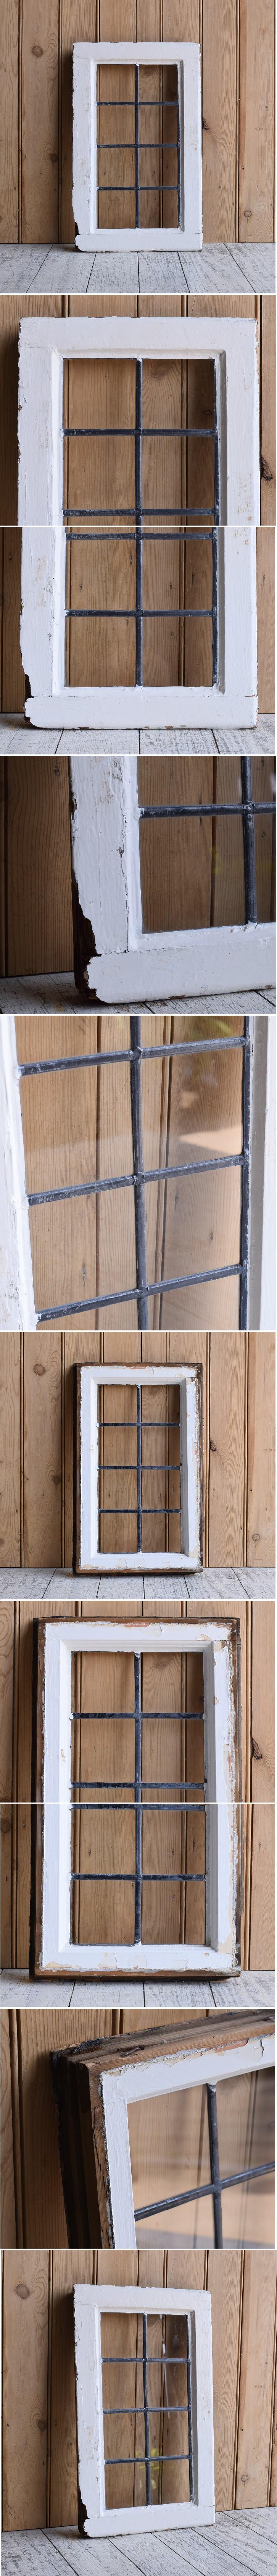 イギリス アンティーク 窓 無色透明 9625